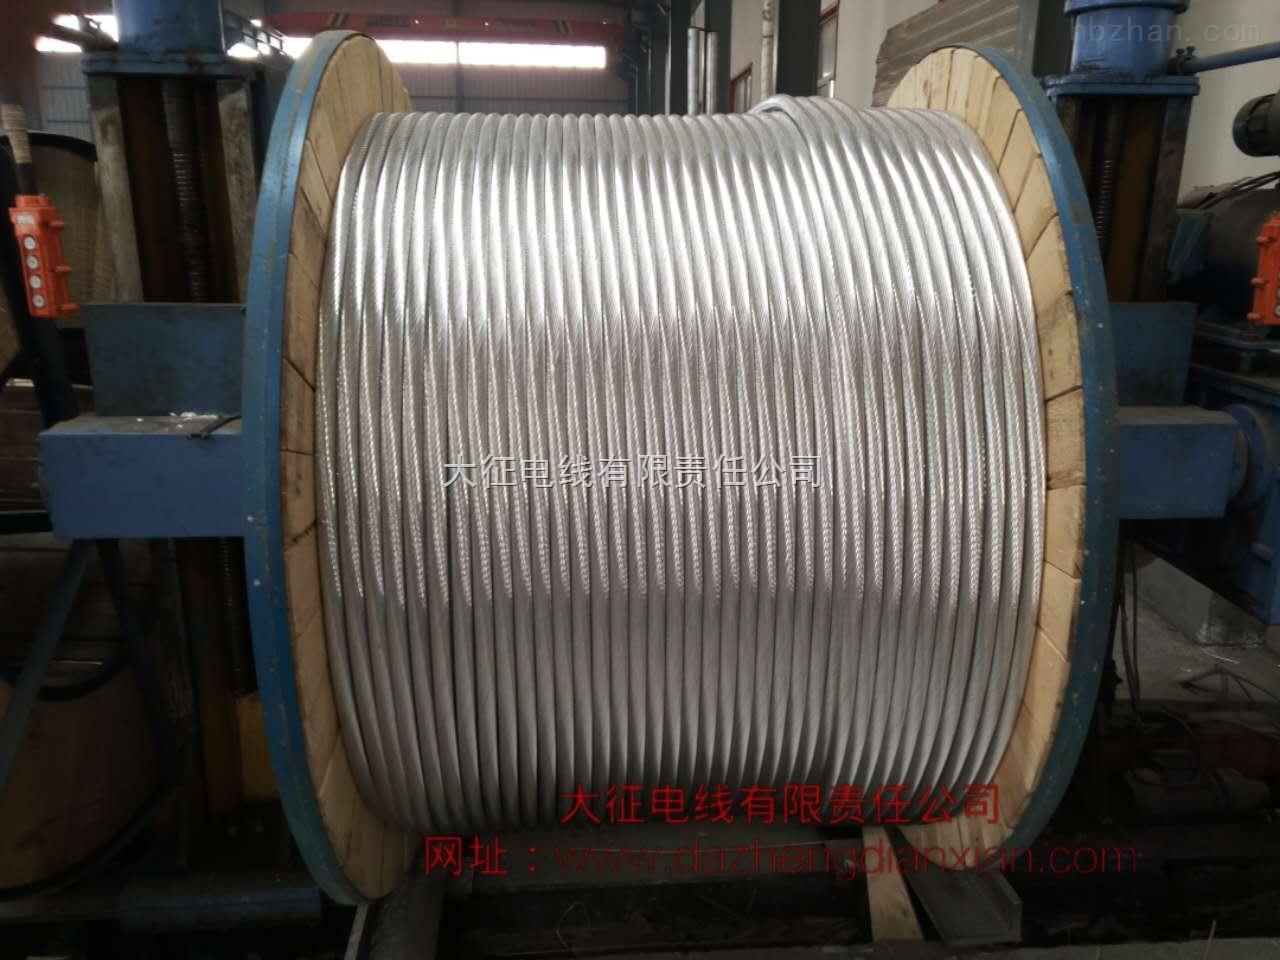 架空导线JL/G1A120/25国标现货供应钢芯铝绞线价格